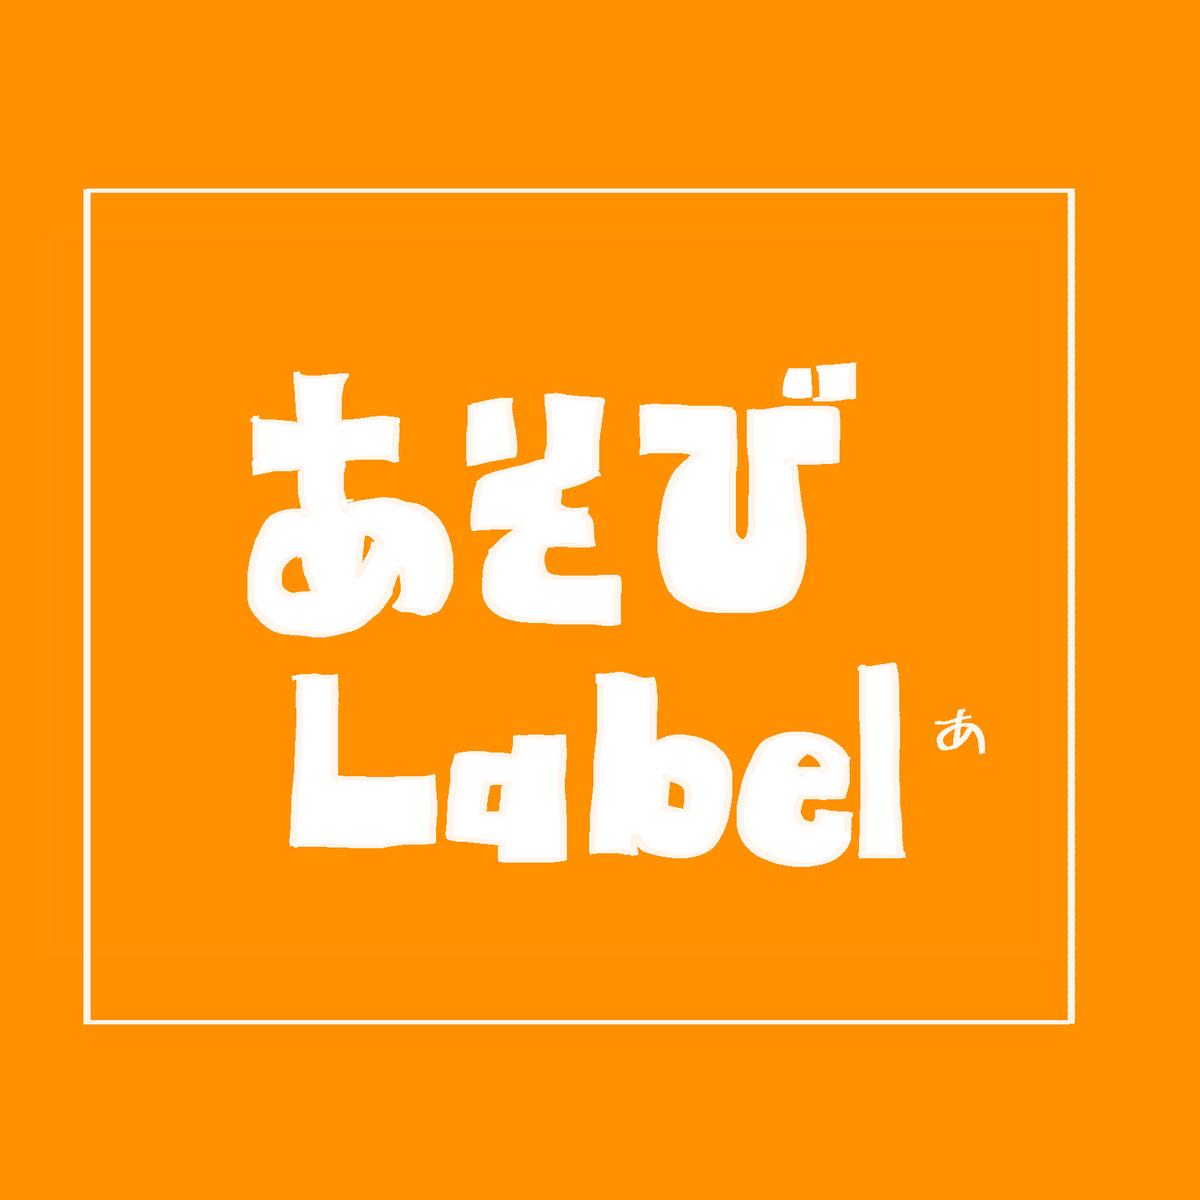 f:id:yasuyuki_yamaguchi:20210127042309j:plain